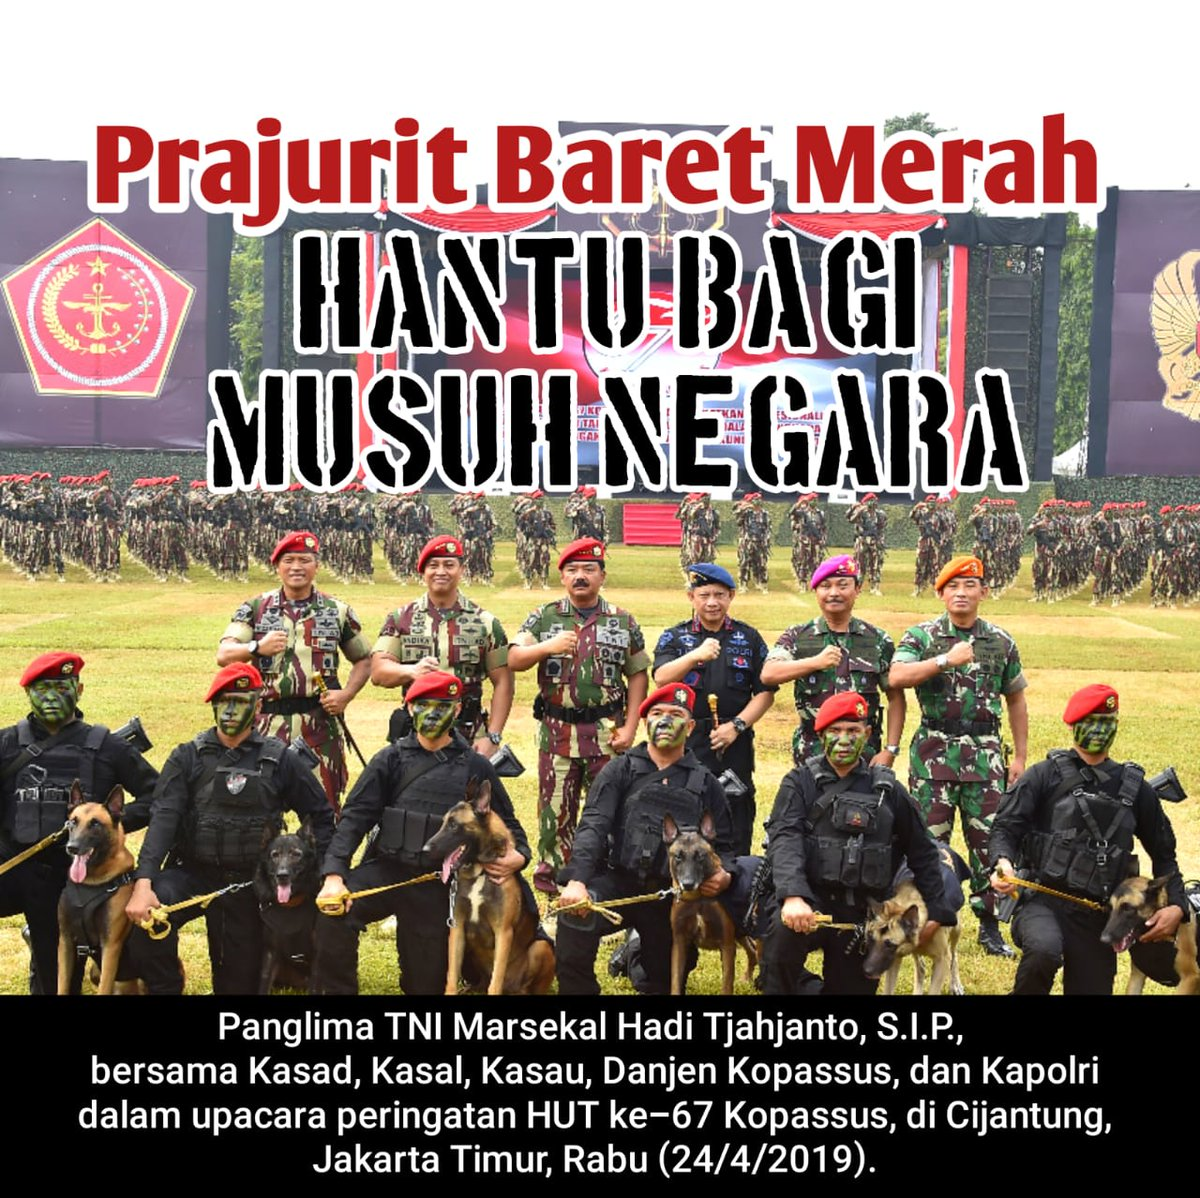 Prajurit baret merah hantu bagi musuh Negara 😎💂 #Komando #BeraniBenarBerhasil